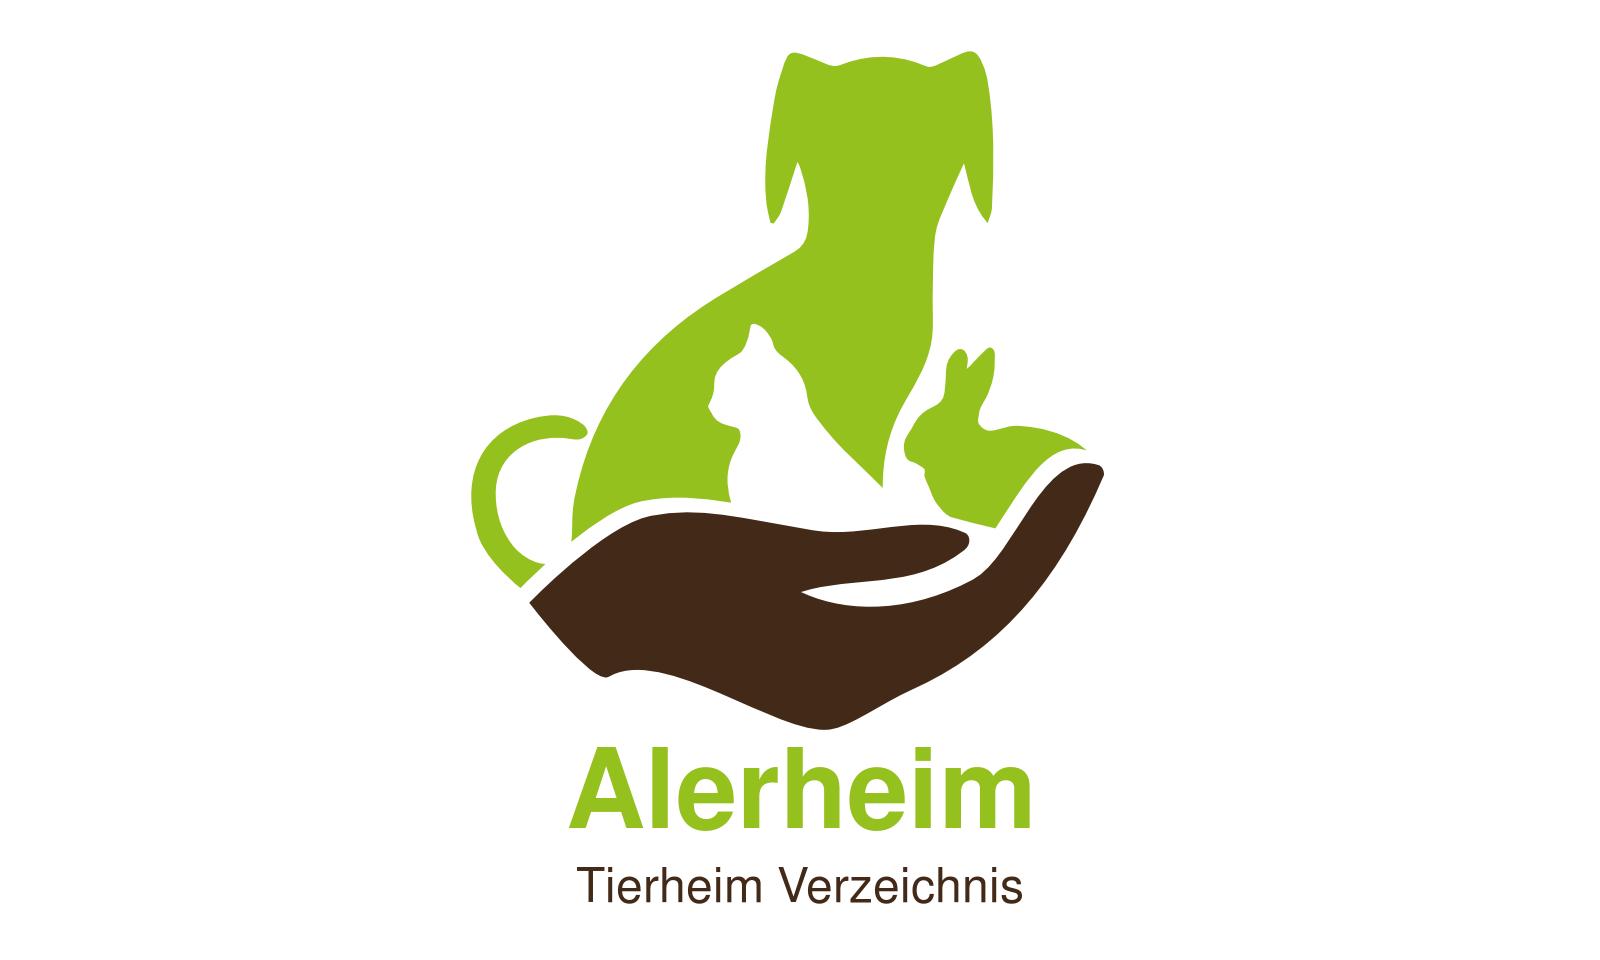 Tierheim Alerheim